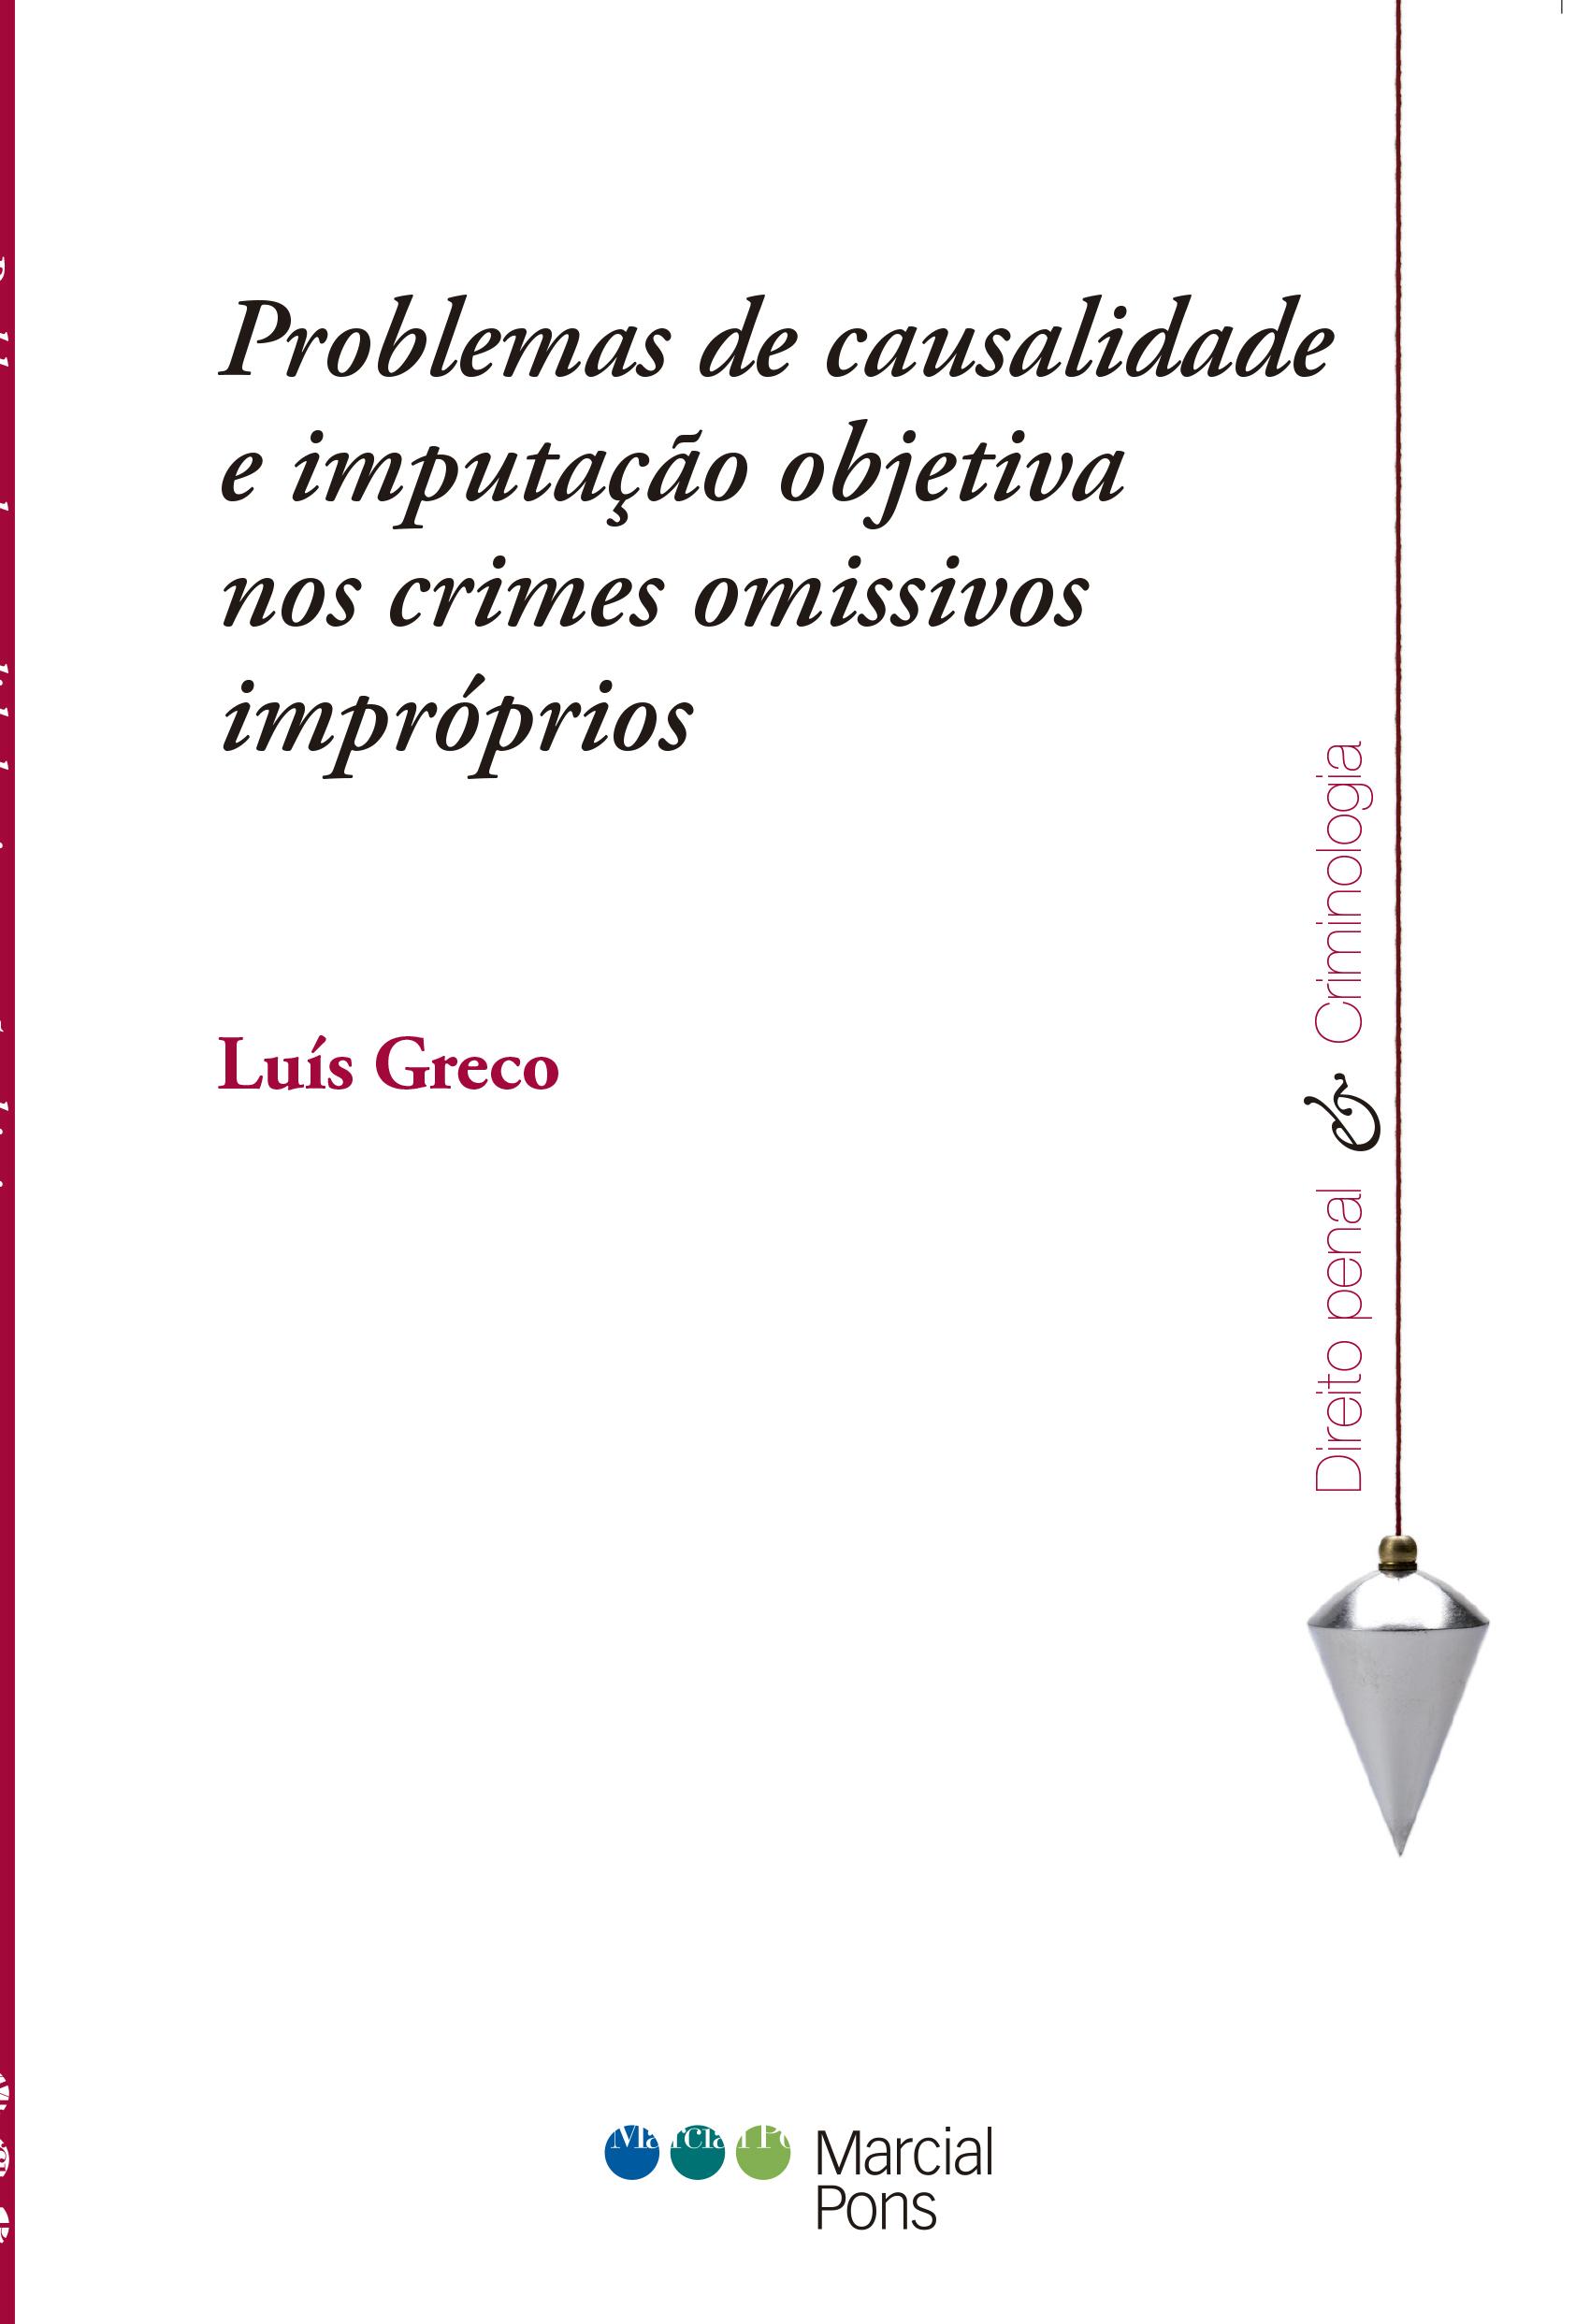 Portada del libro Problemas de causalidade e imputação objetiva nos crimes omissivos impróprios